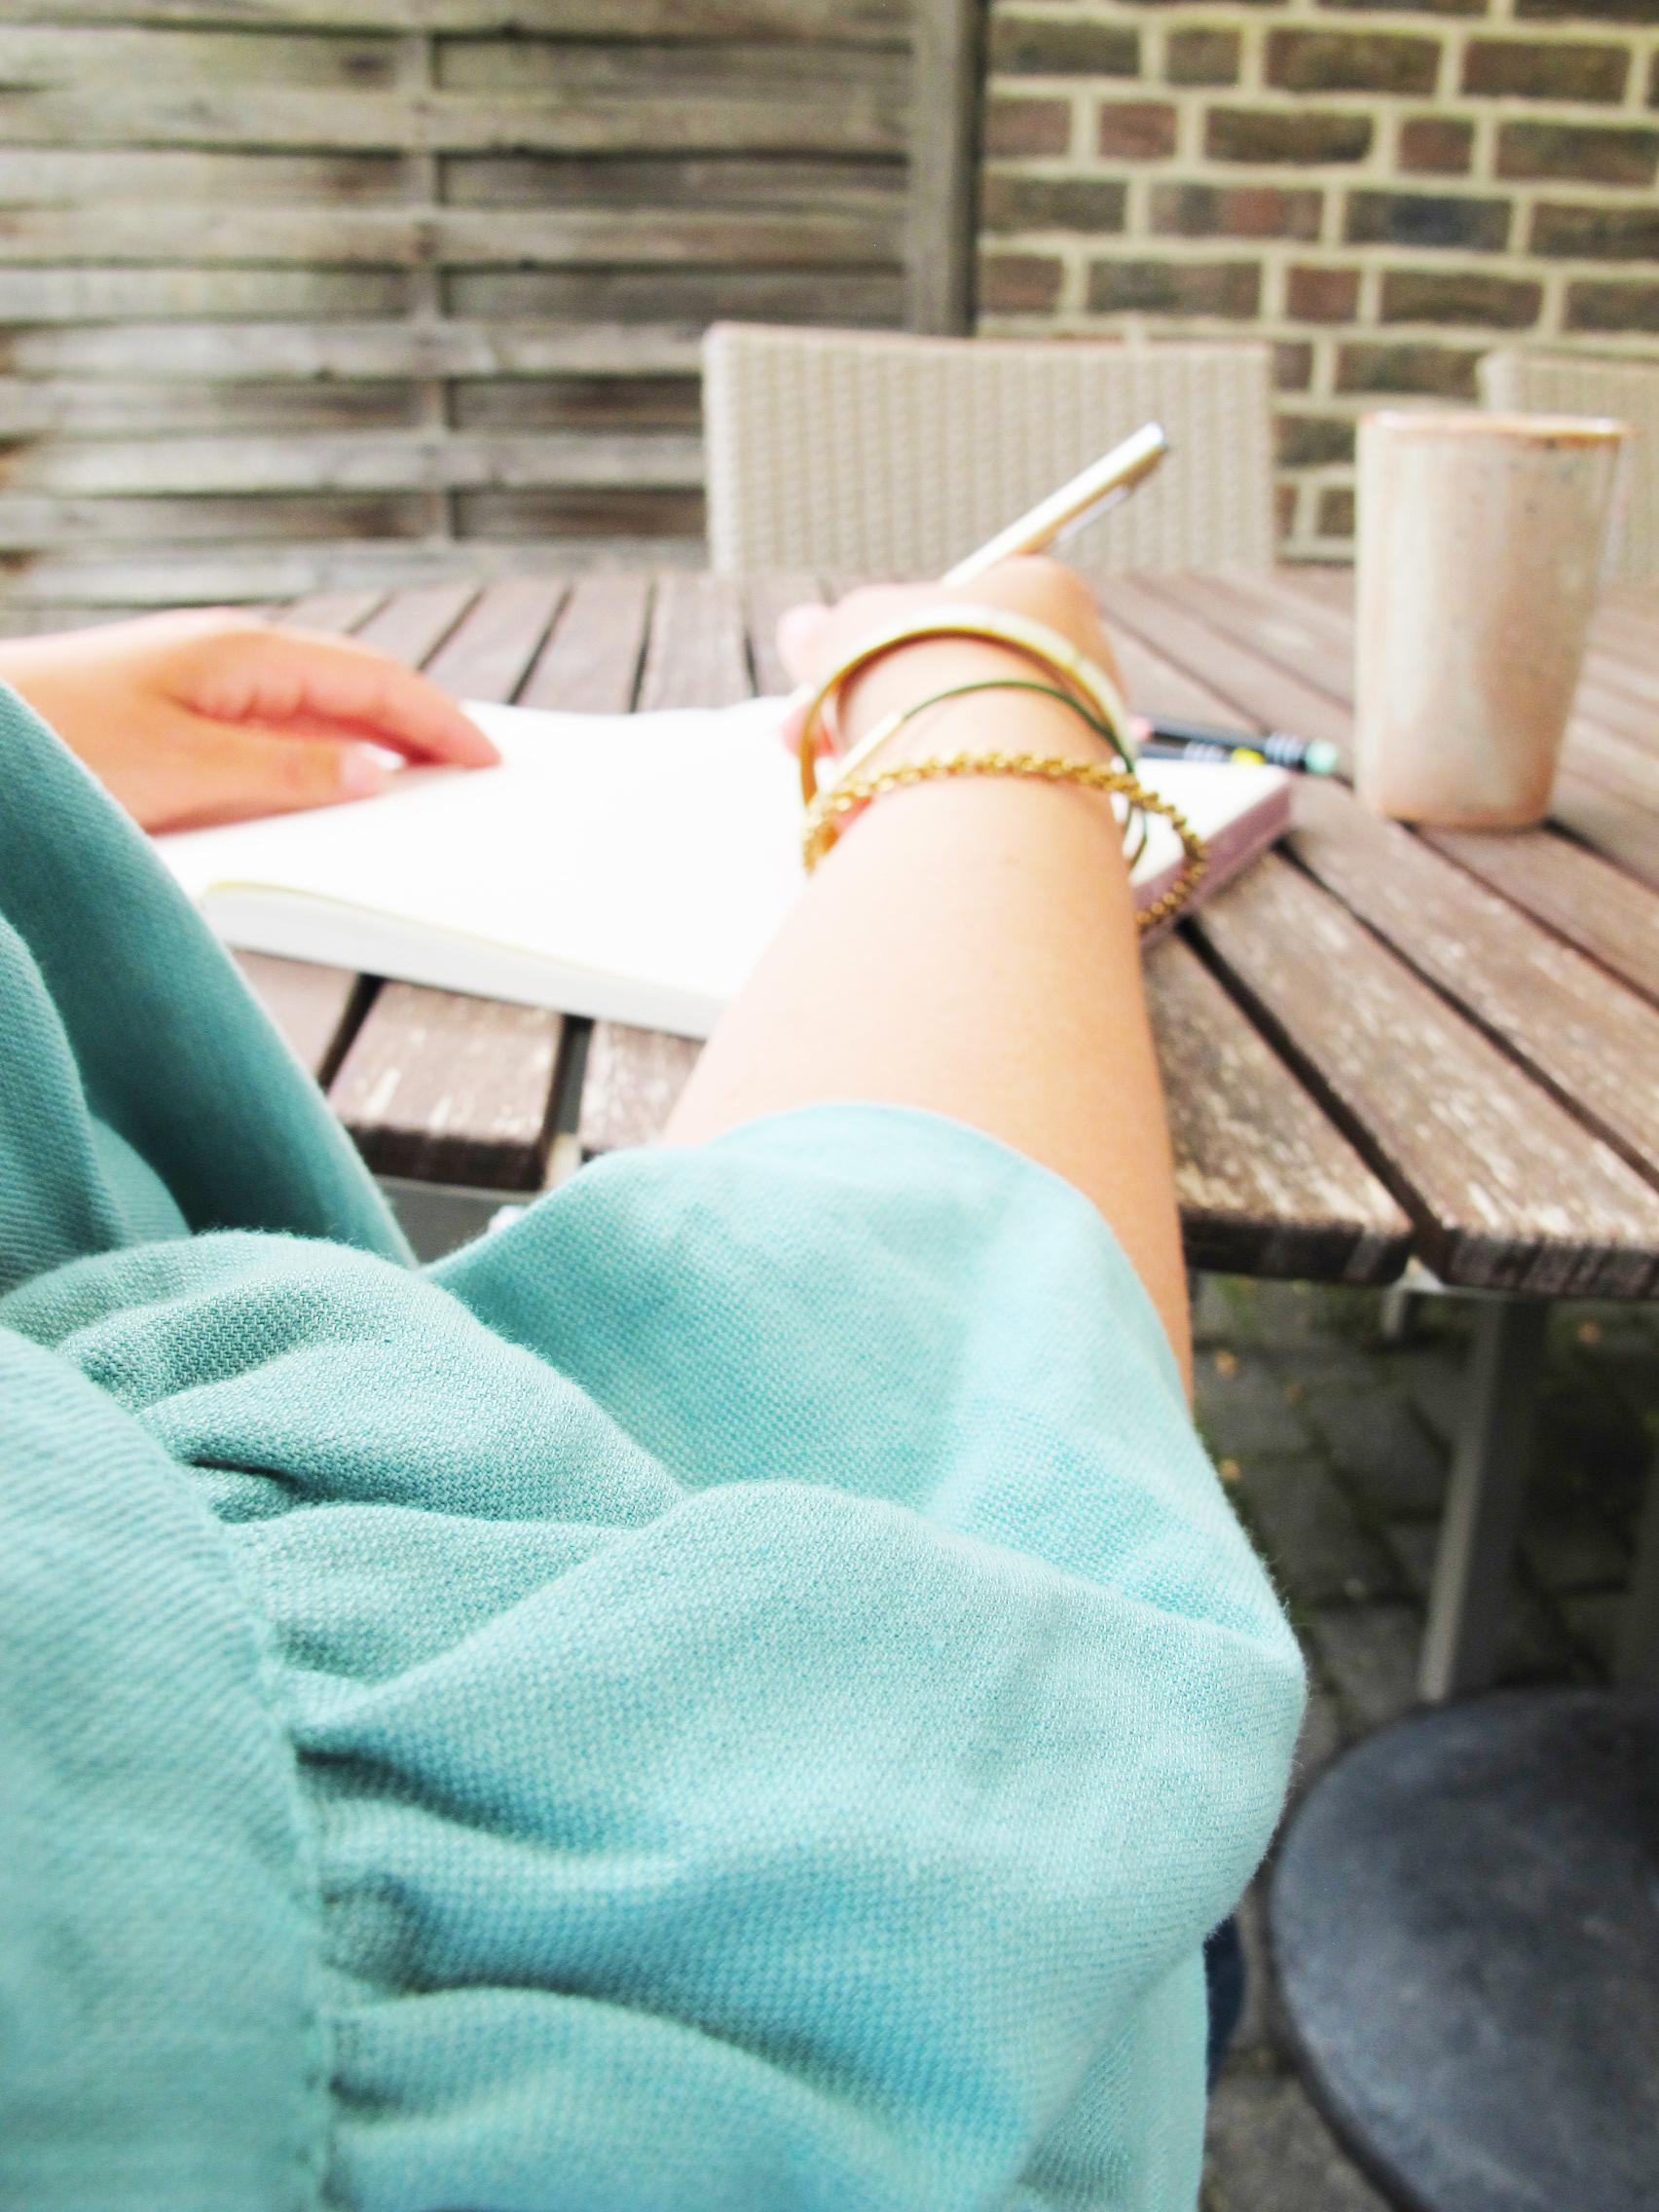 Kerstin Pressler. the sparkling creative. www.kerstinpressler.com